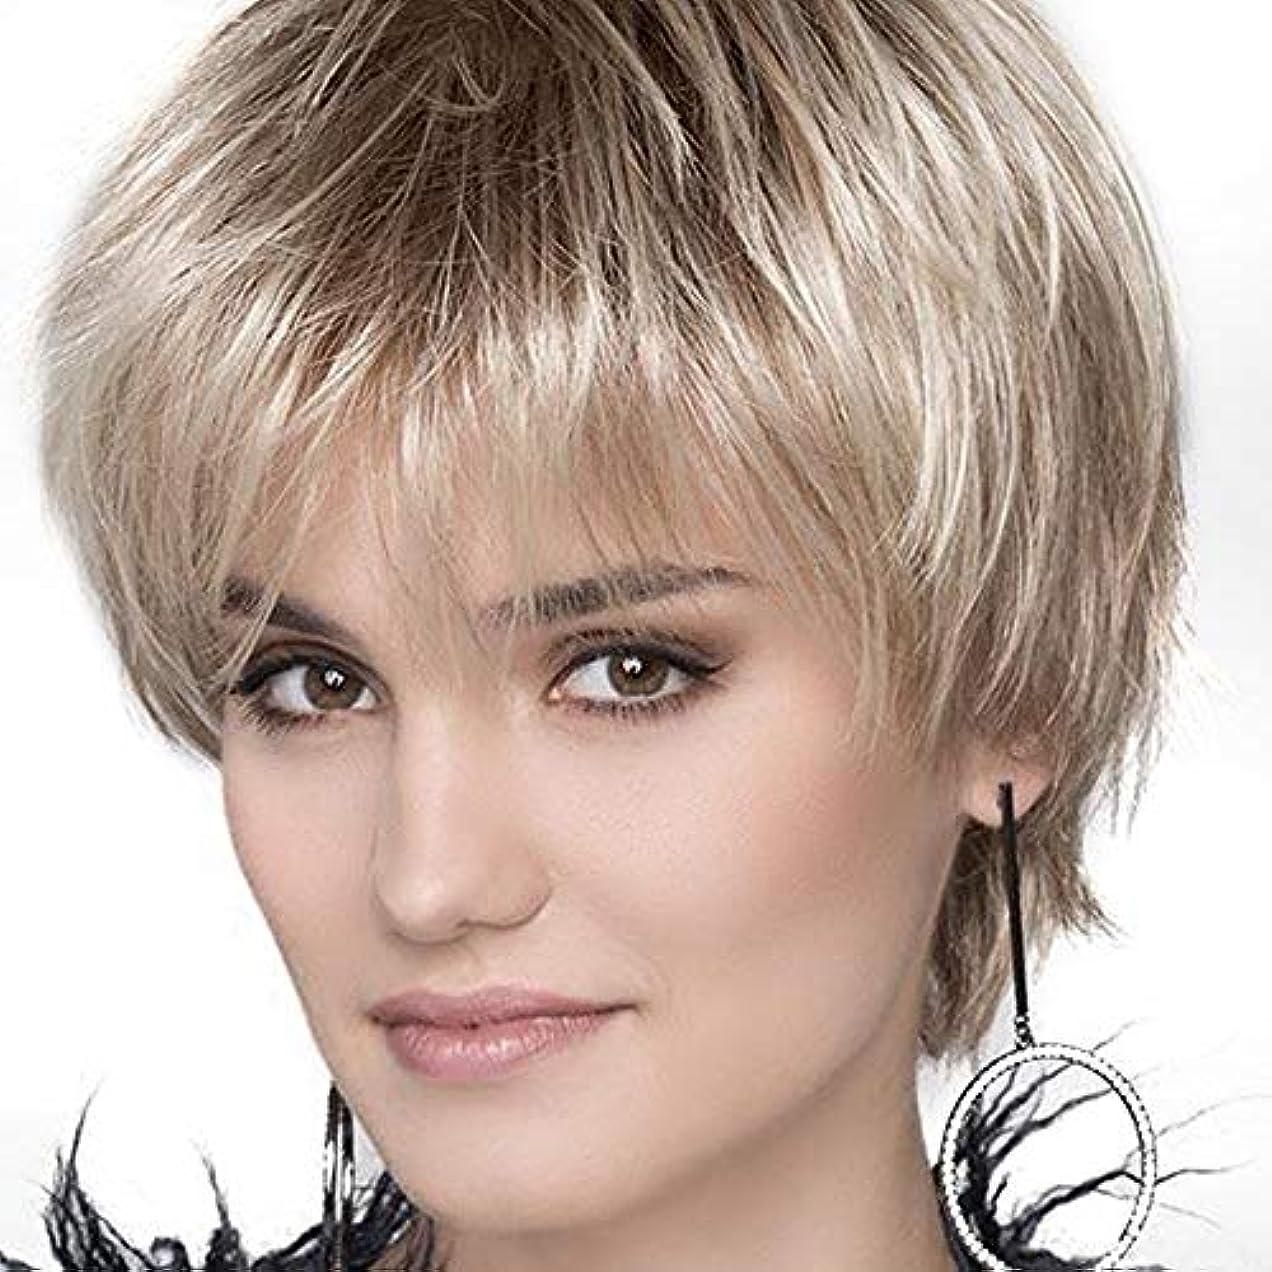 れる罪悪感会員YOUQIU 女性アッシュブロンドカーリーウィッグかつら用オンブルブロンドショートボブウィッグ (色 : Blonde)